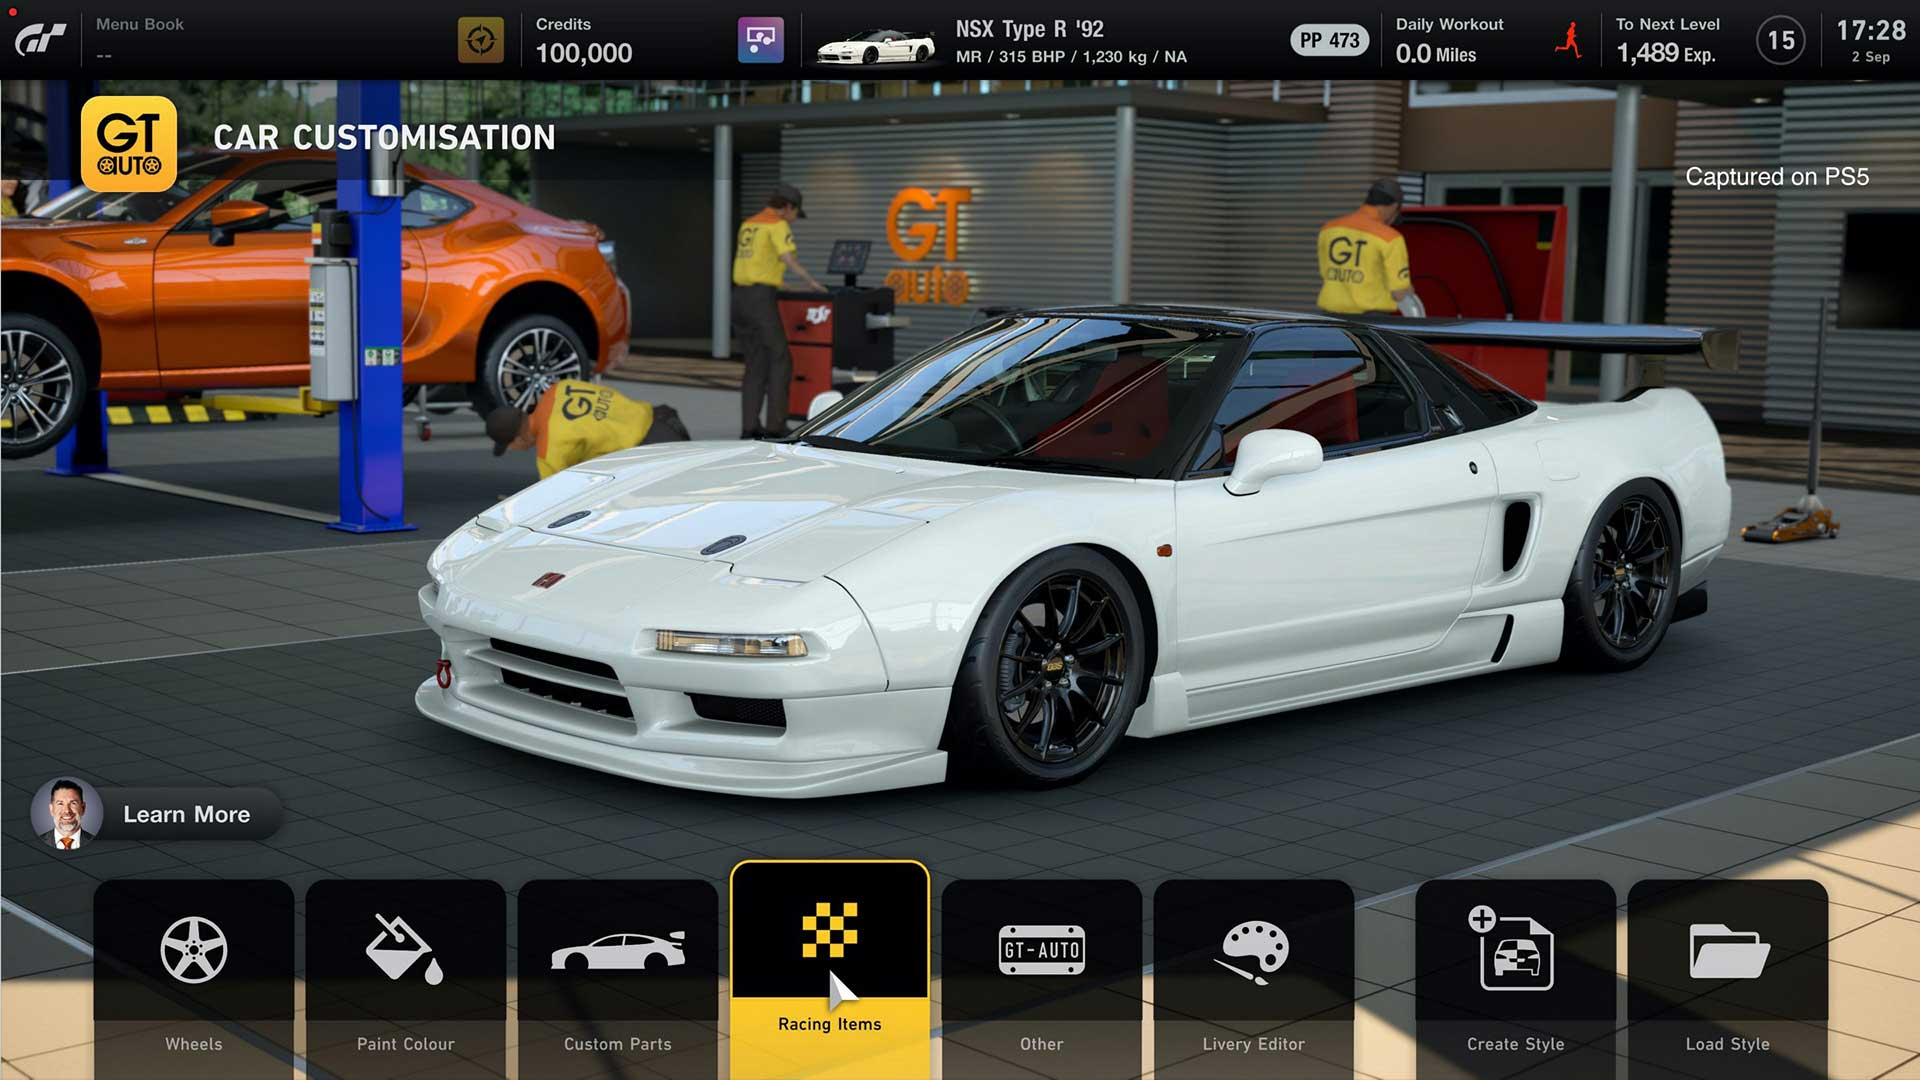 Gran Turismo 7 customization